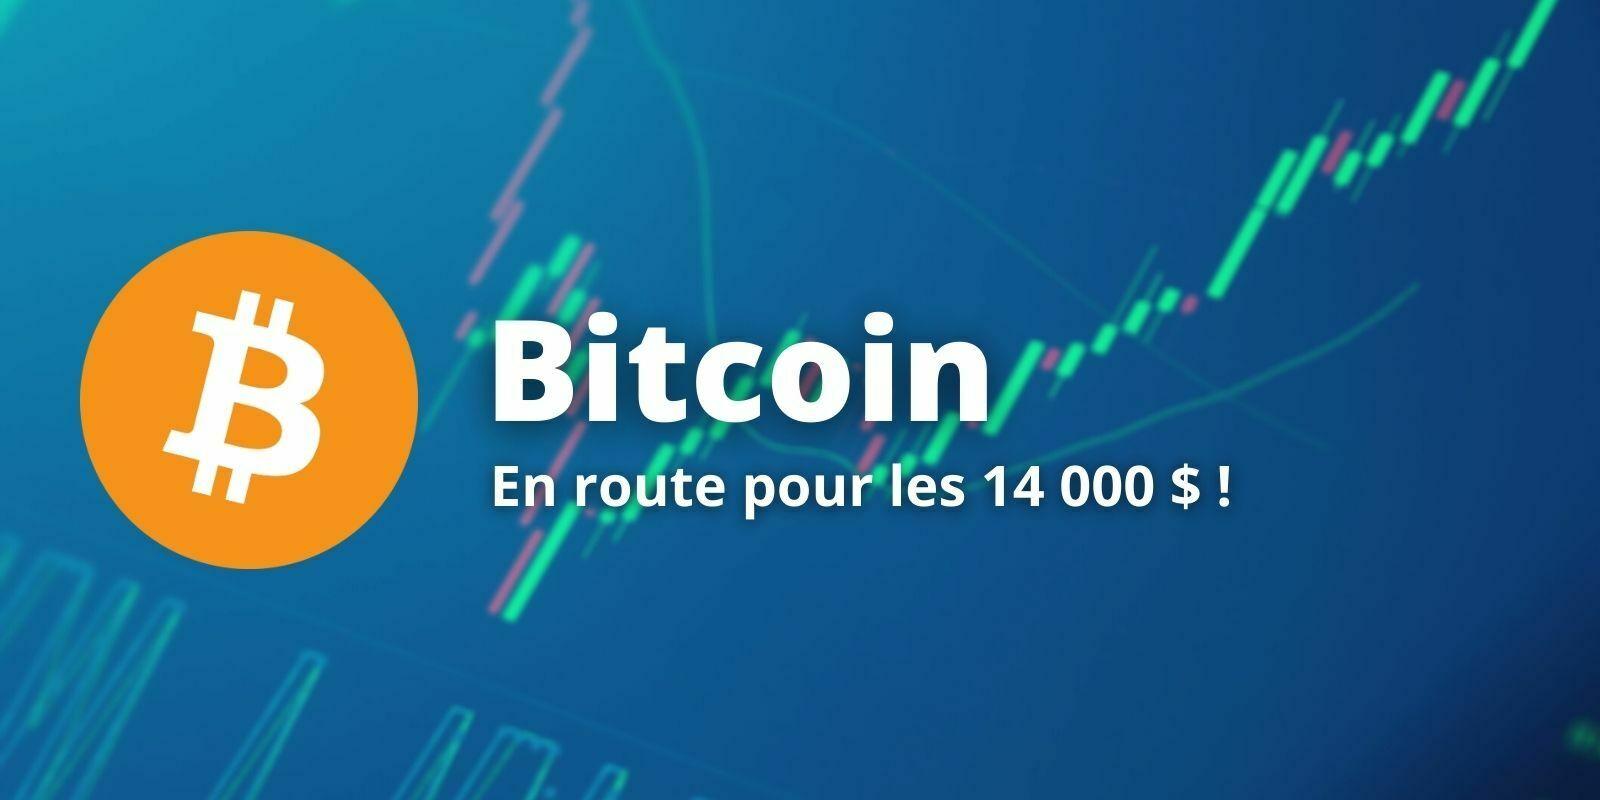 Le Bitcoin (BTC) s'envole et continue de pousser vers les 14000 $